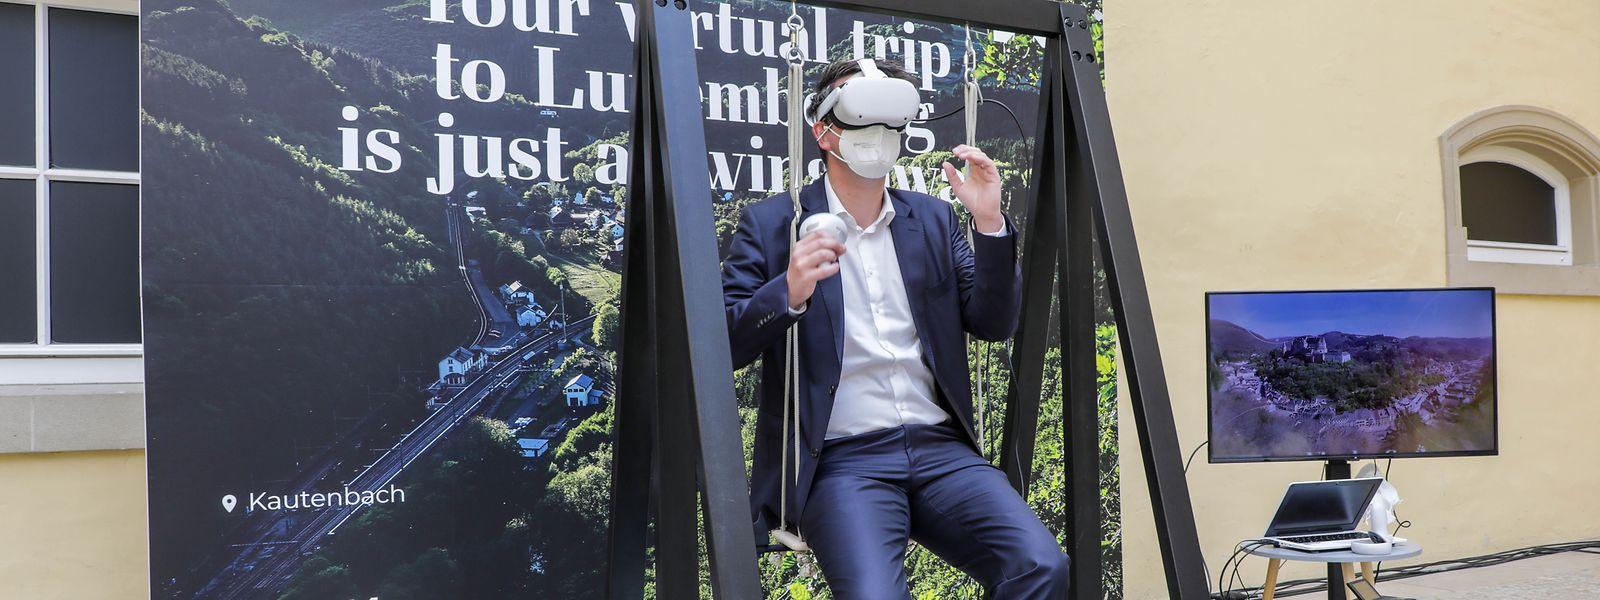 Mit der Luxembourg Sky Swing will Tourismusminister Lex Delles dem Großherzogtum eine weitere Visitenkarte geben.